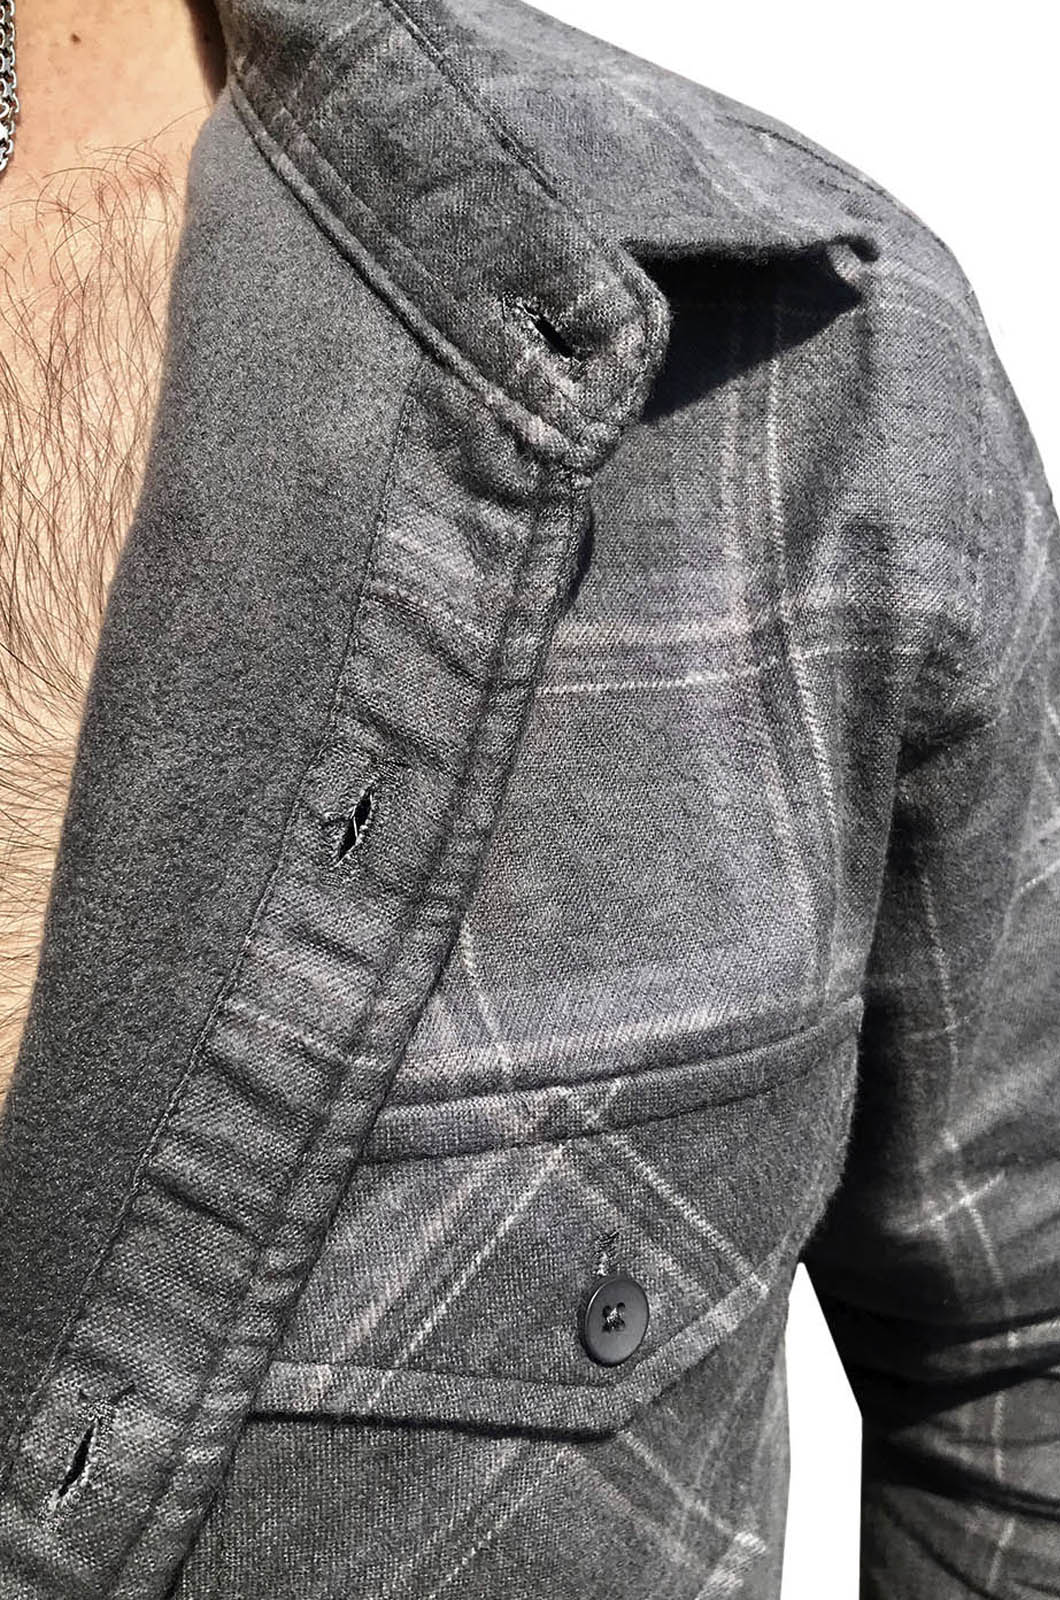 Утепленная мужская рубашка с вышитым флагом Армении - заказать в Военпро